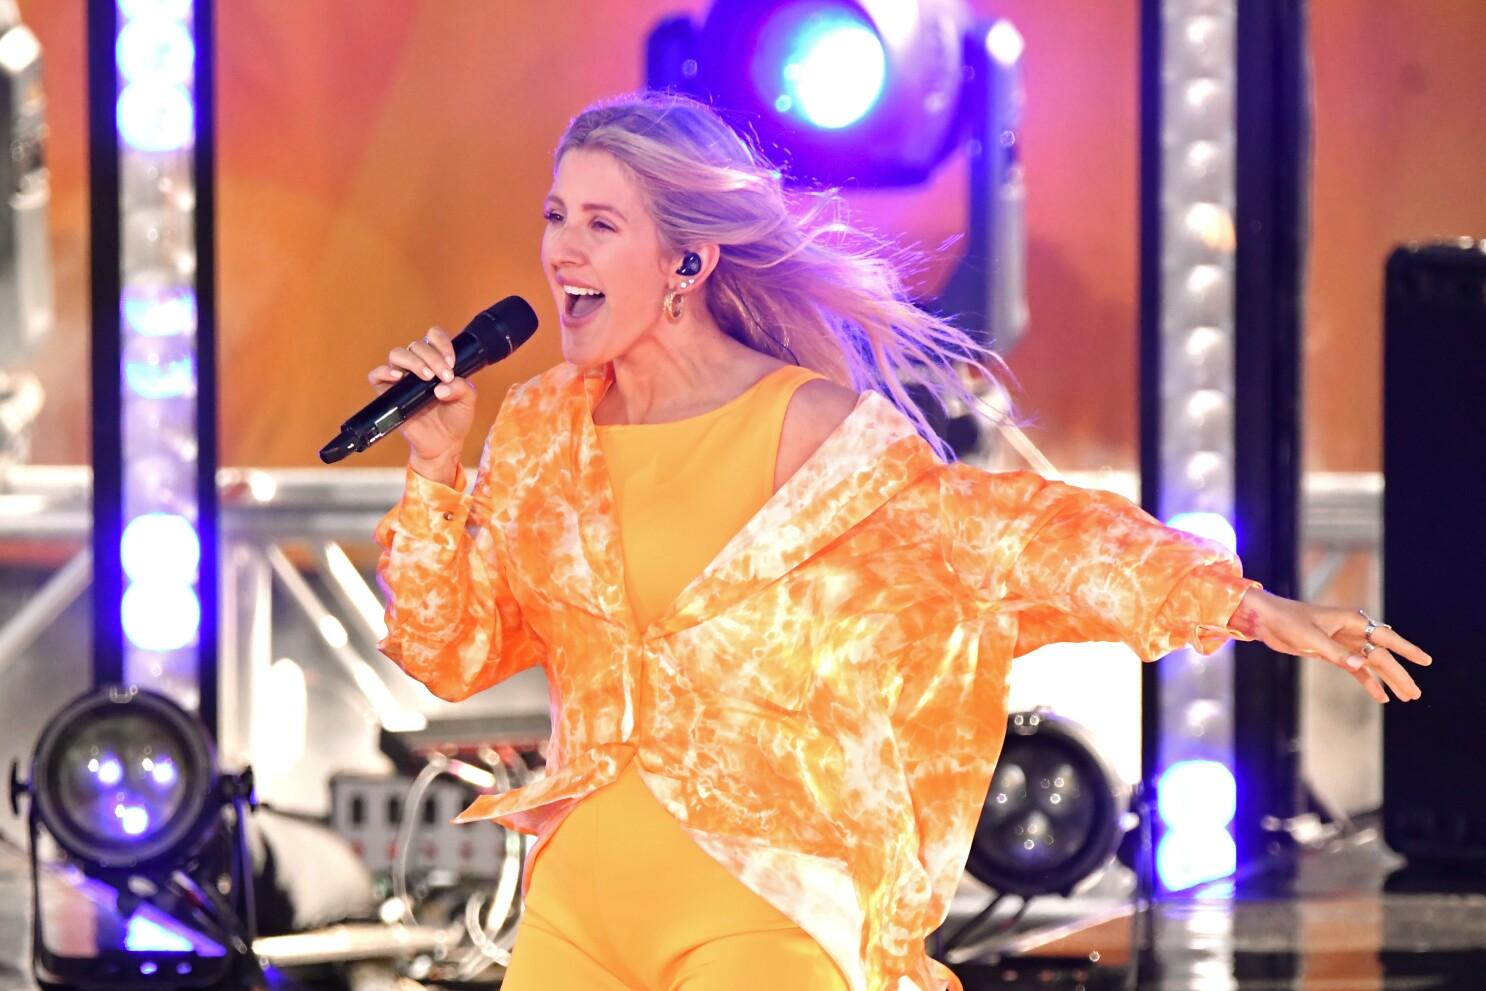 Ellie Goulding May Skip Nfl Halftime Show After Lgbtq Backlash Los Angeles Times